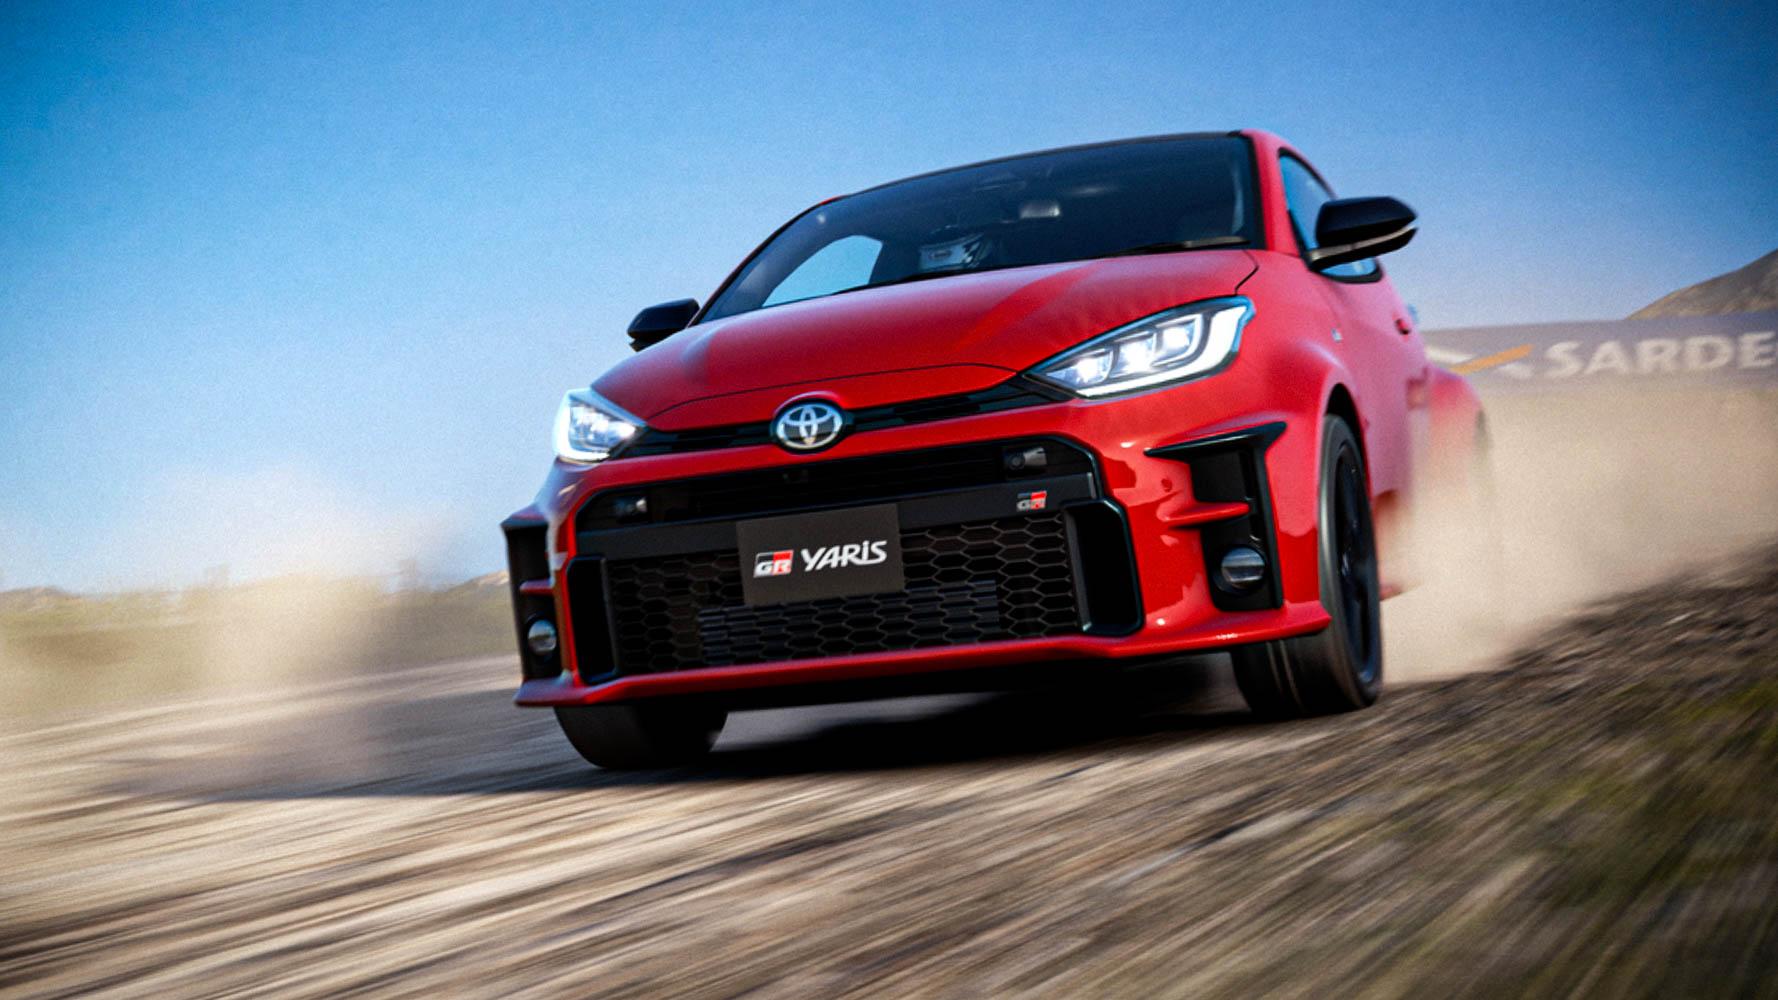 El Toyota GR Yaris ya está disponible también en el mundo digital: ¿quieres saber dónde?